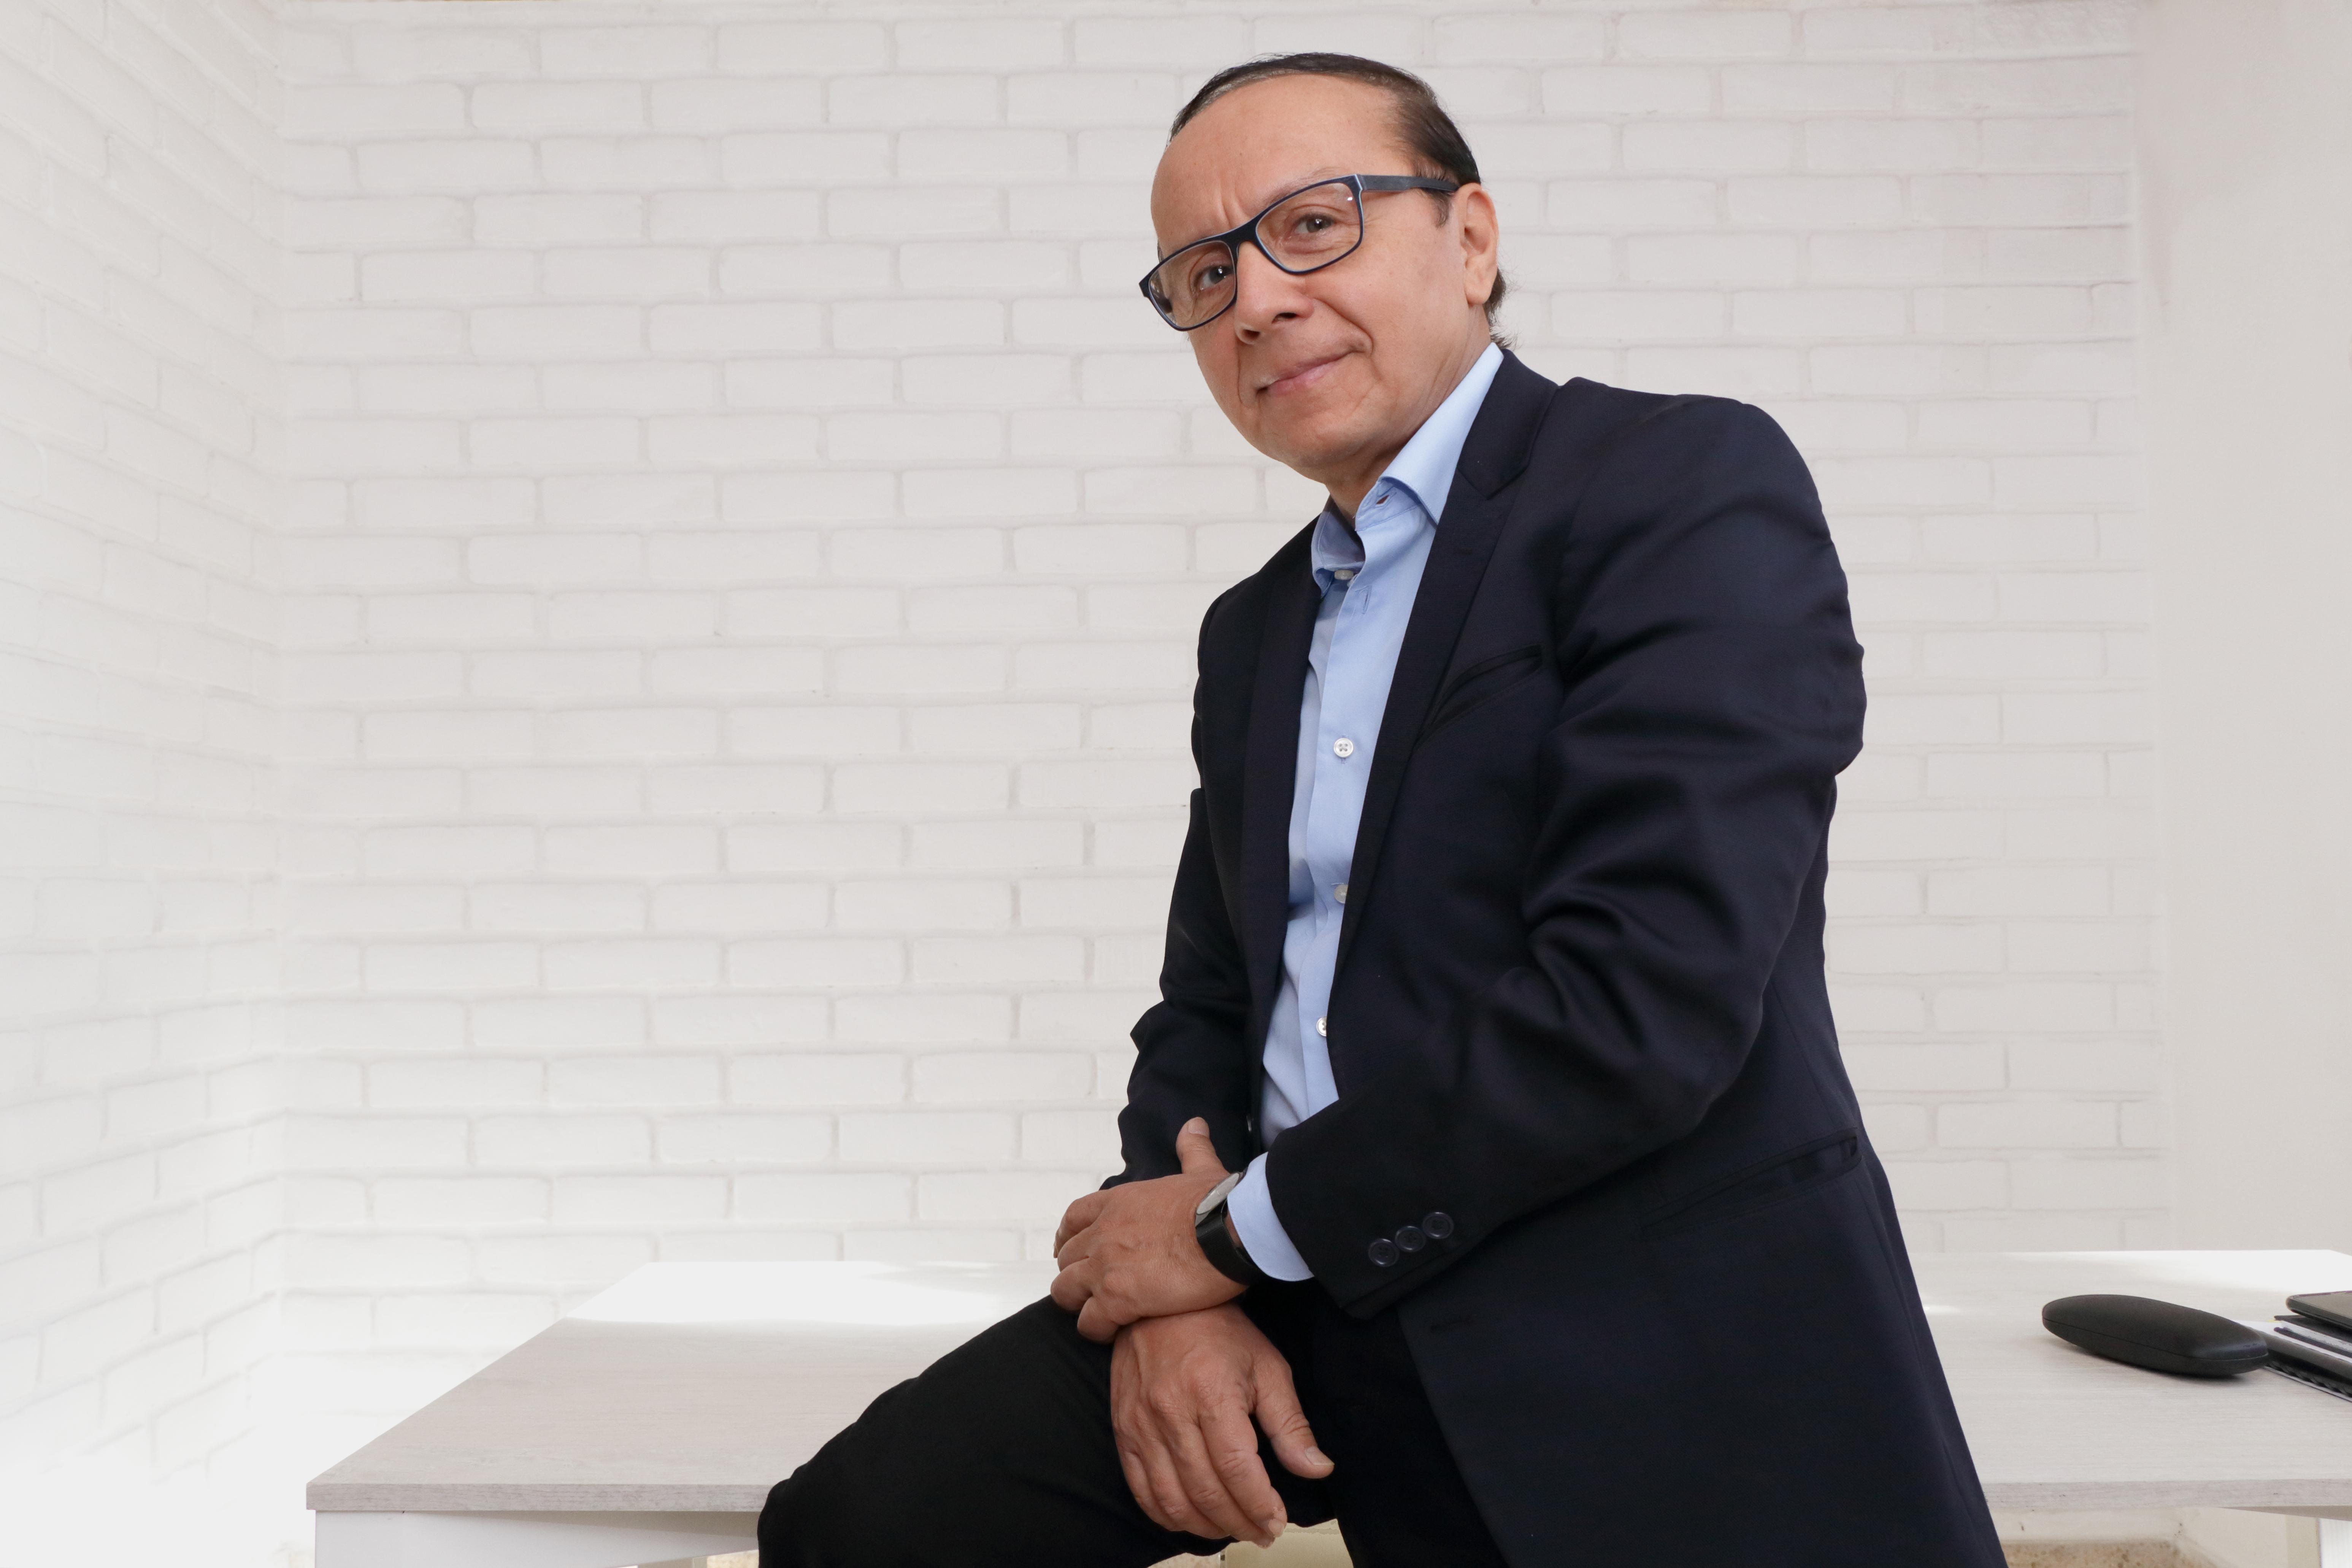 Los jóvenes deben vivir sus sueños en El Salvador: Gerson Martínez